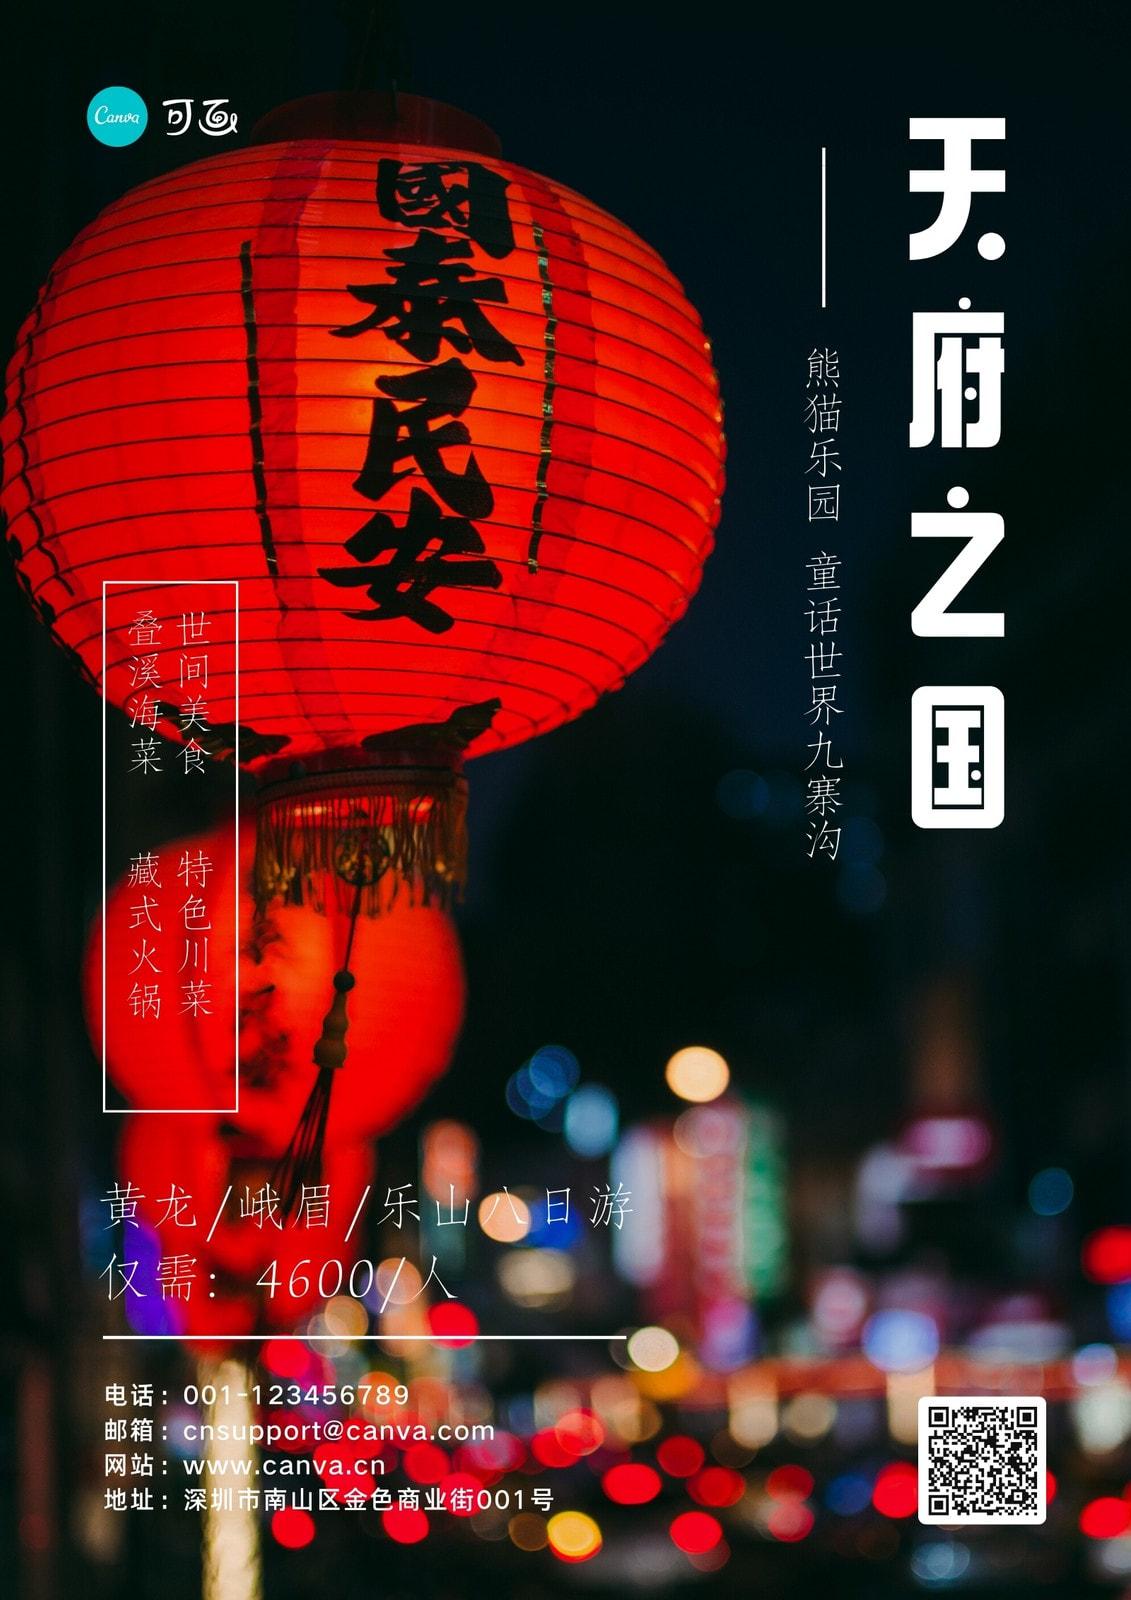 黑红色灯笼照片旅游促销中文海报